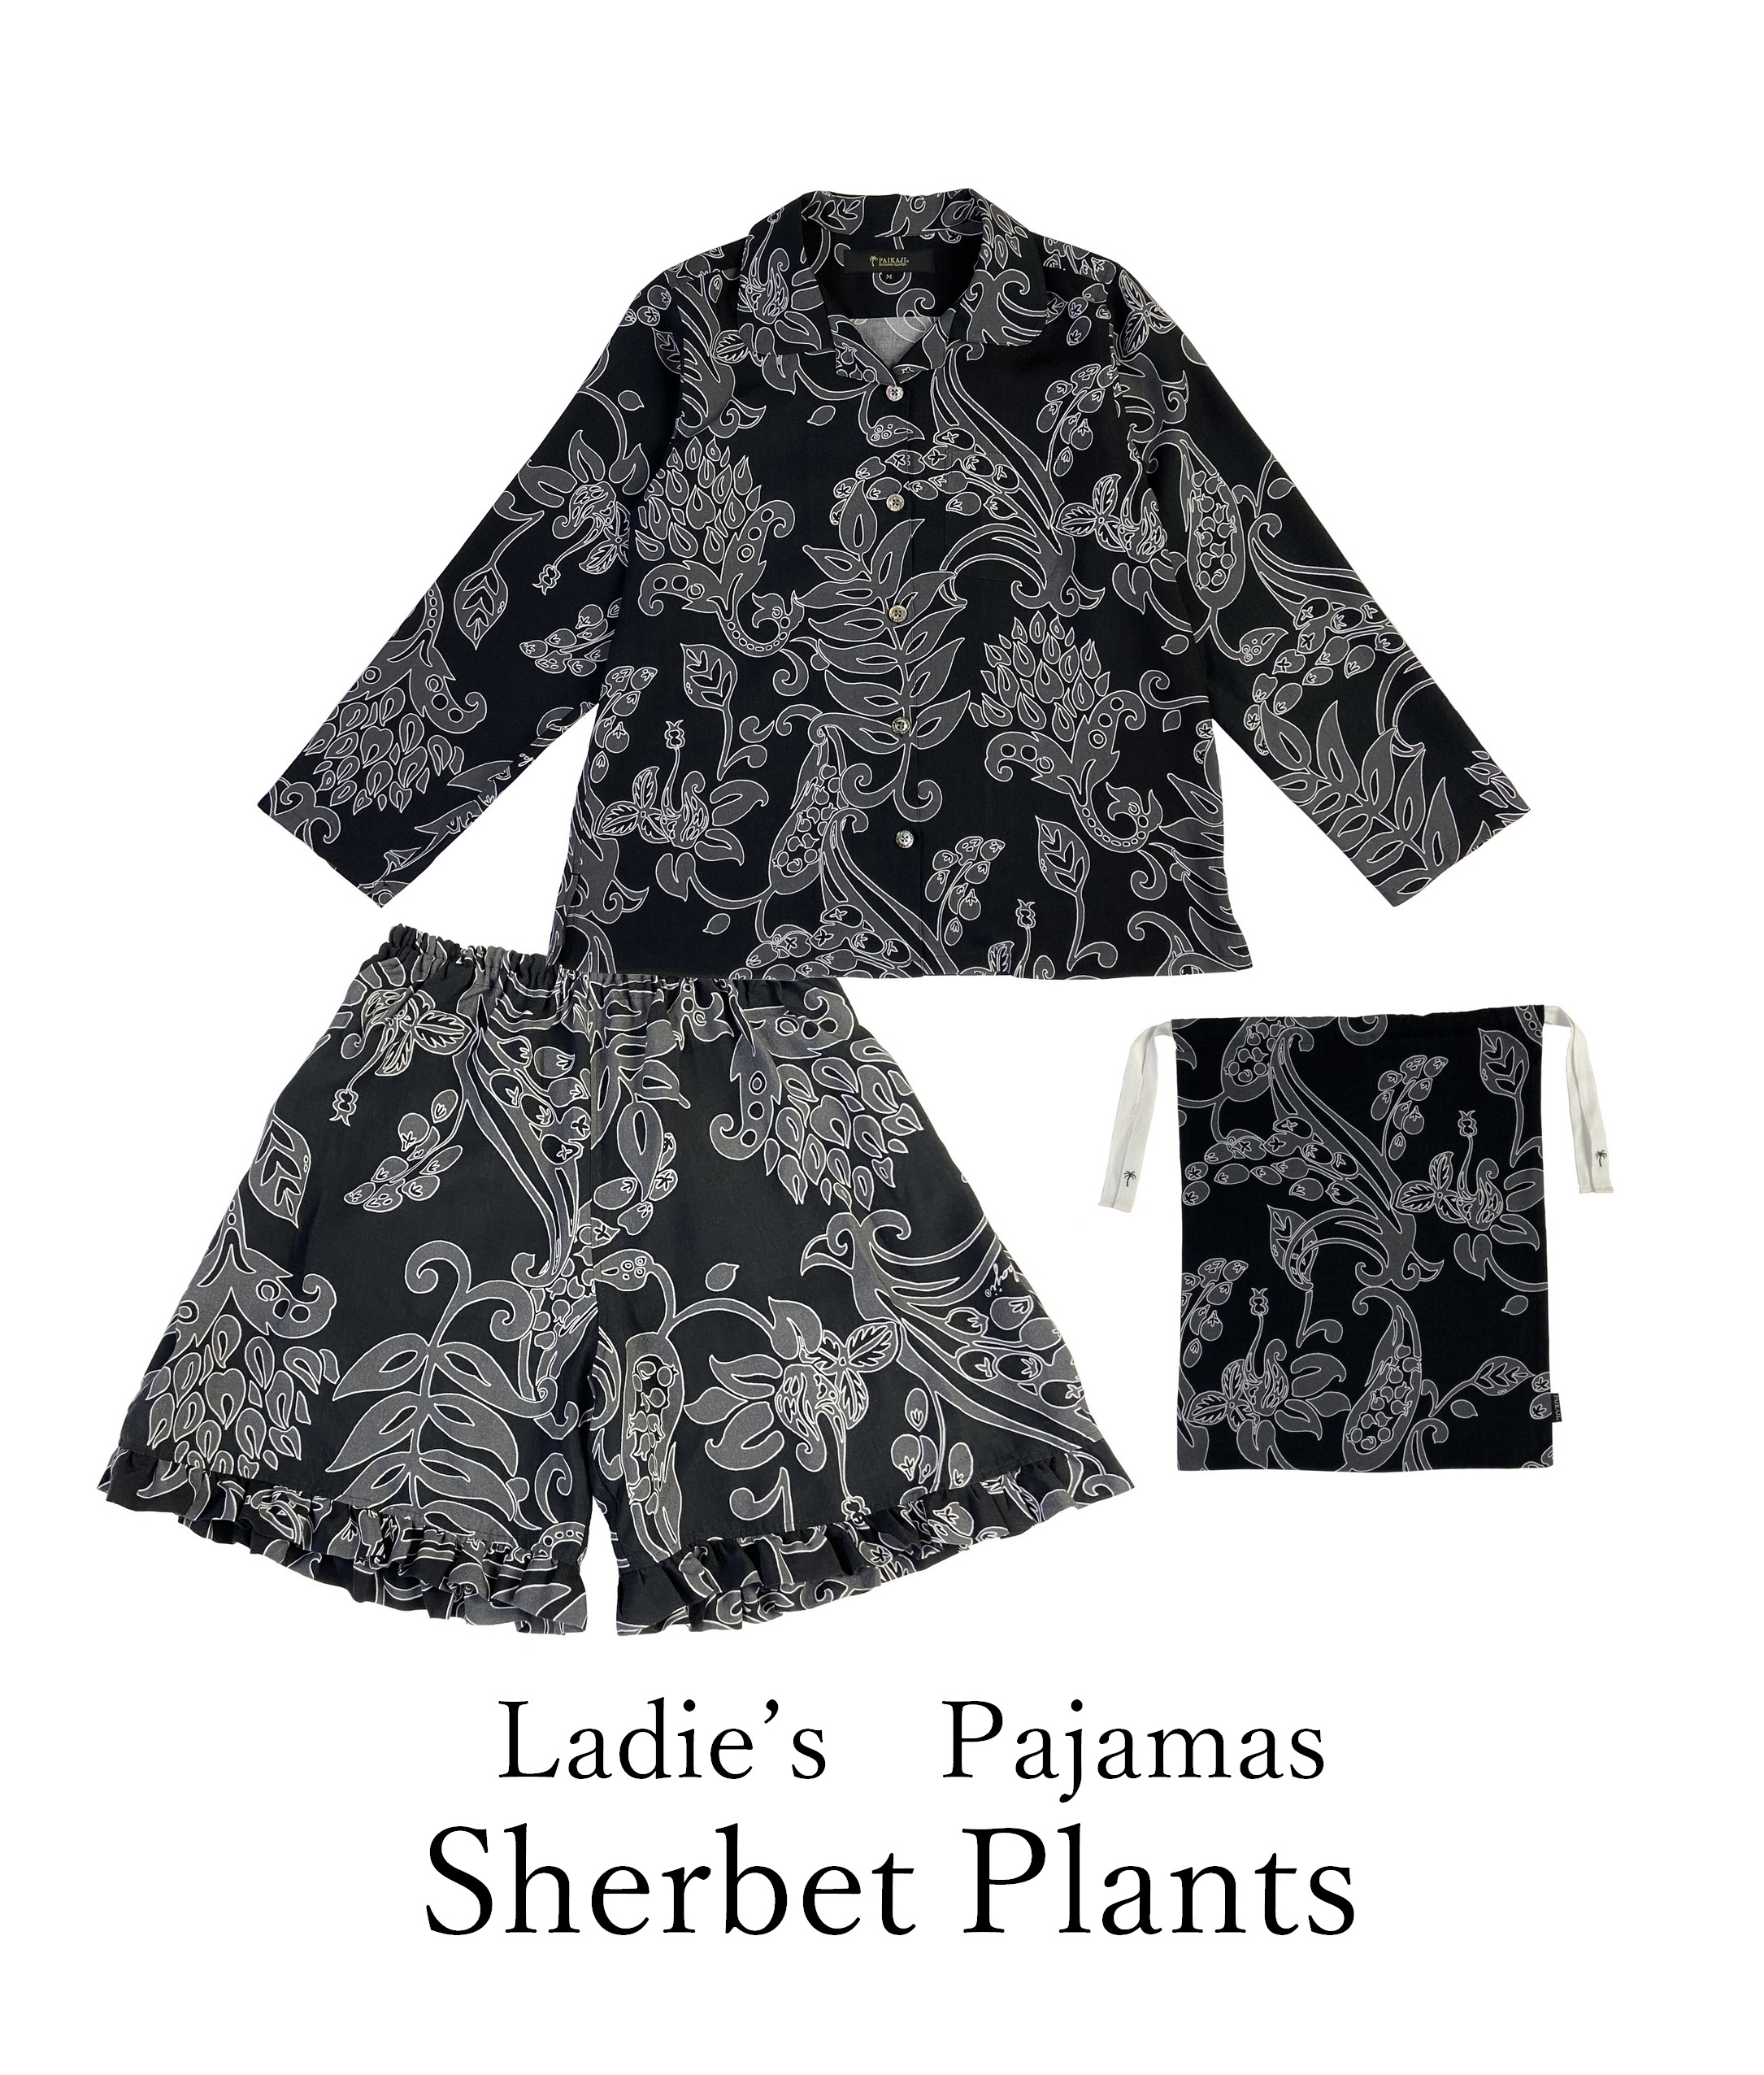 レディースパジャマ/Sherbet Plants